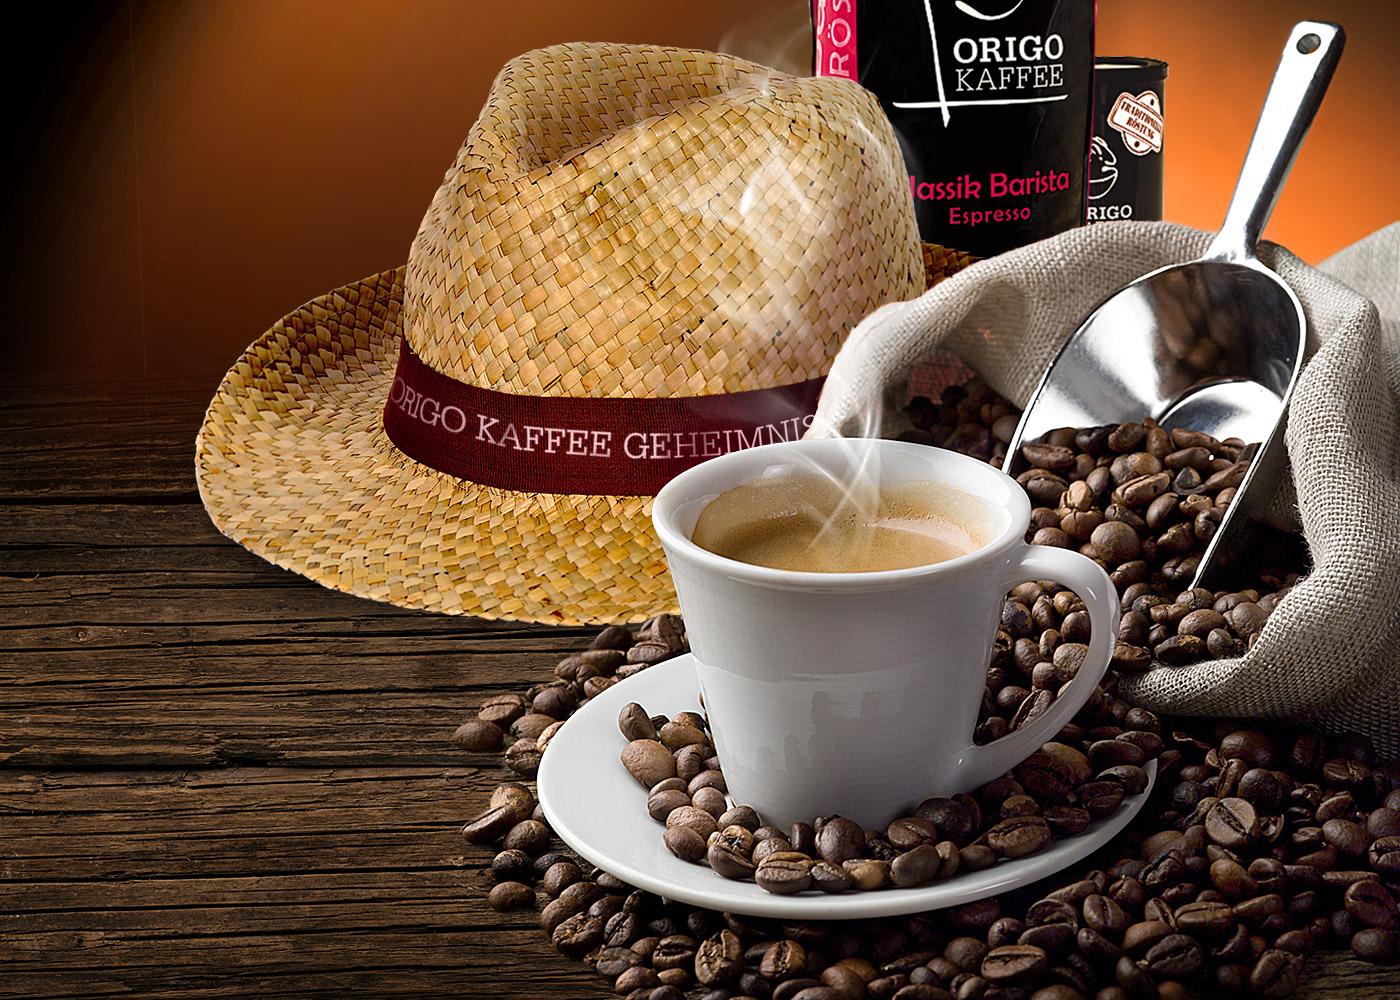 origokaffee